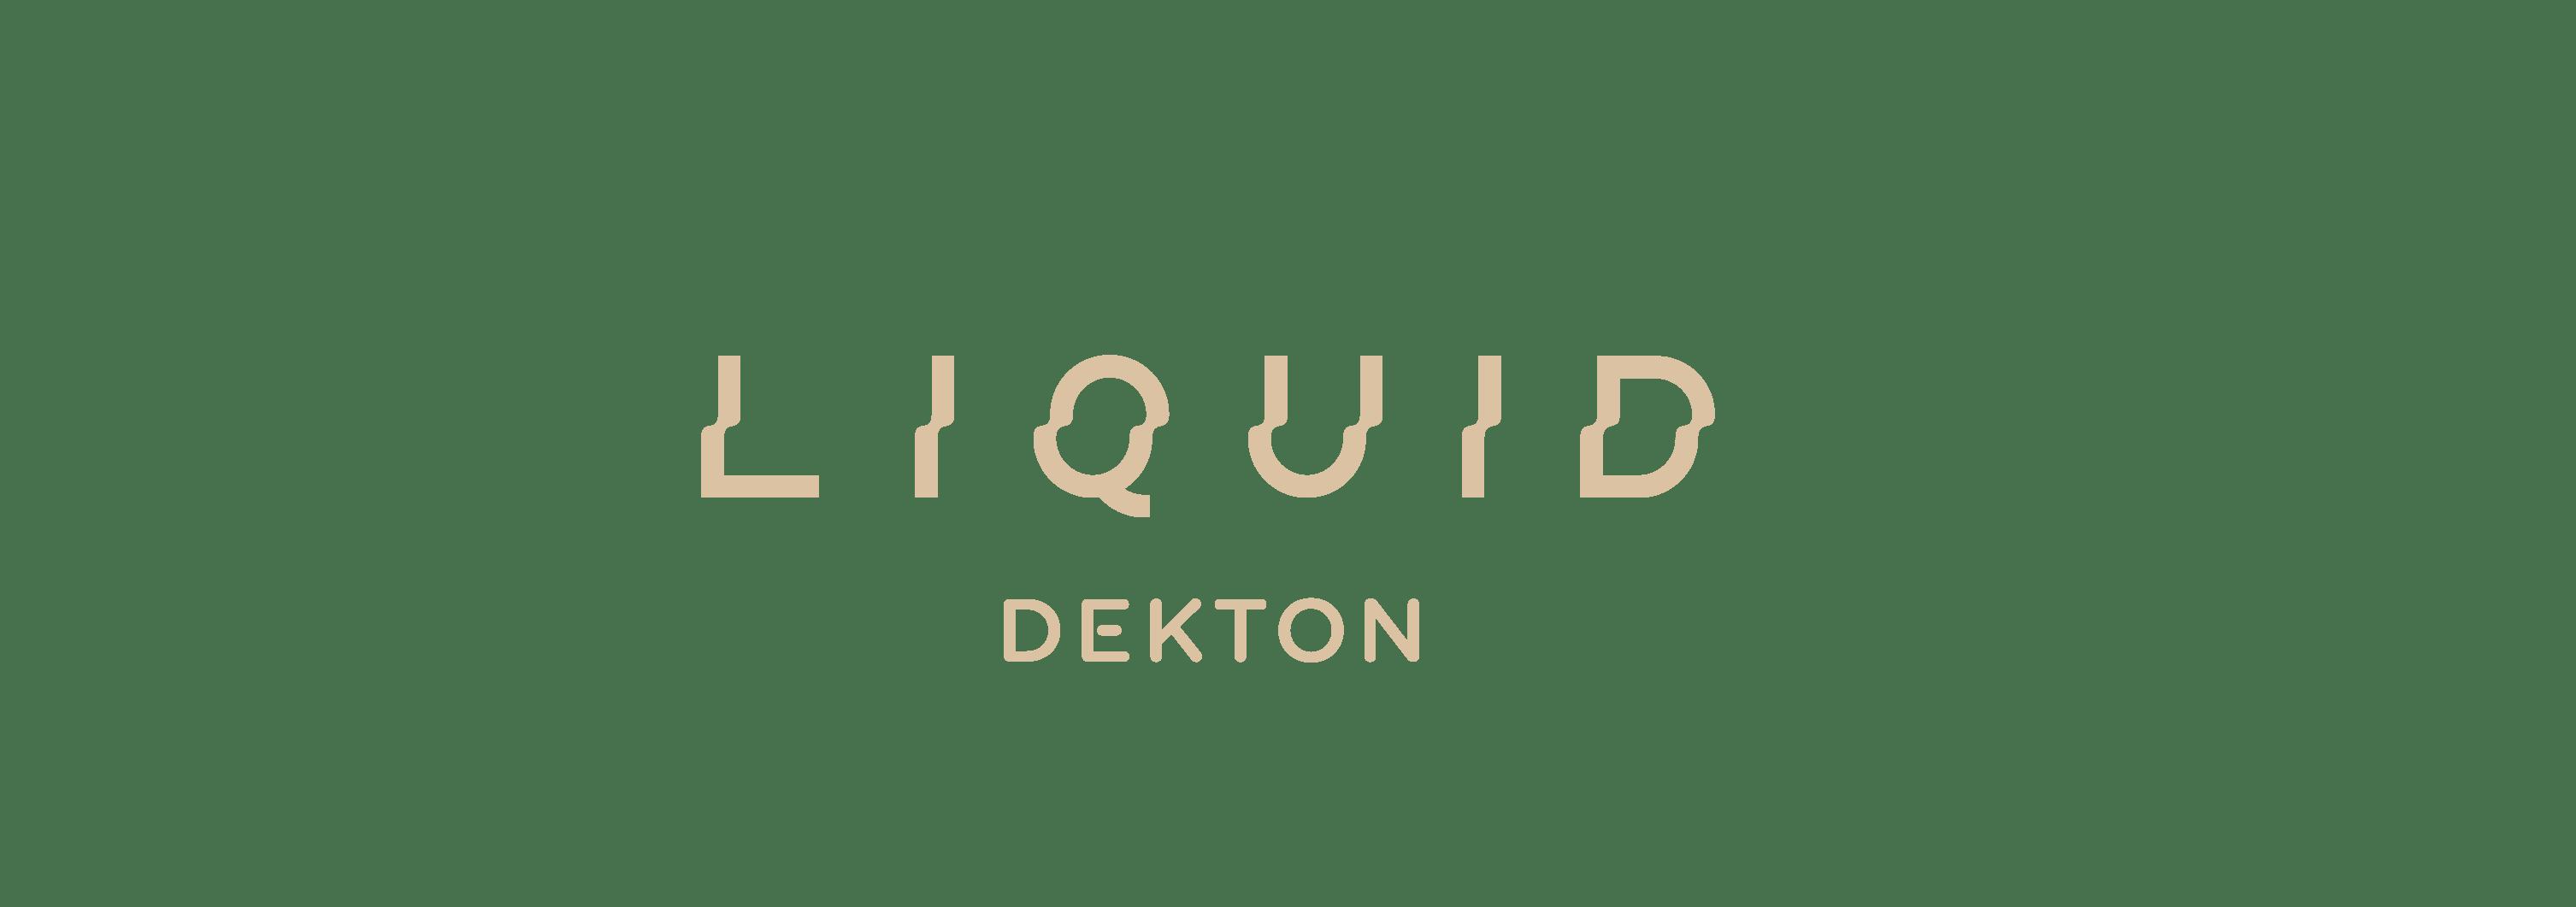 Image of Mesa de trabajo 4 copia 3@4x 1 in Dekton® Liquid by PATTERNITY - Cosentino